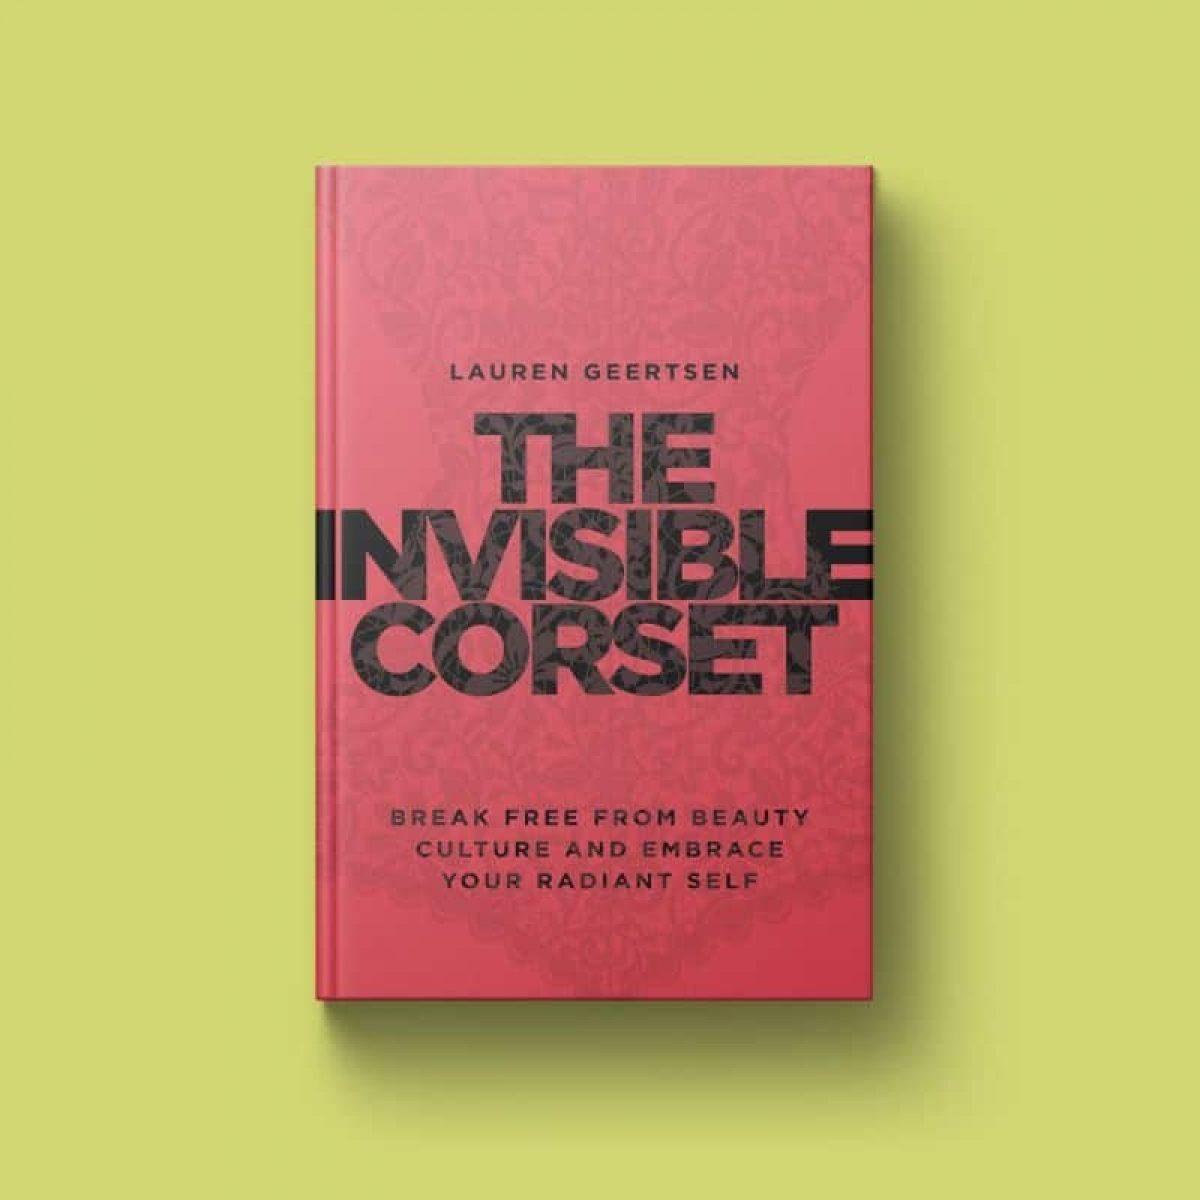 invisible-corset-lauren-geertsen-cover-art-4